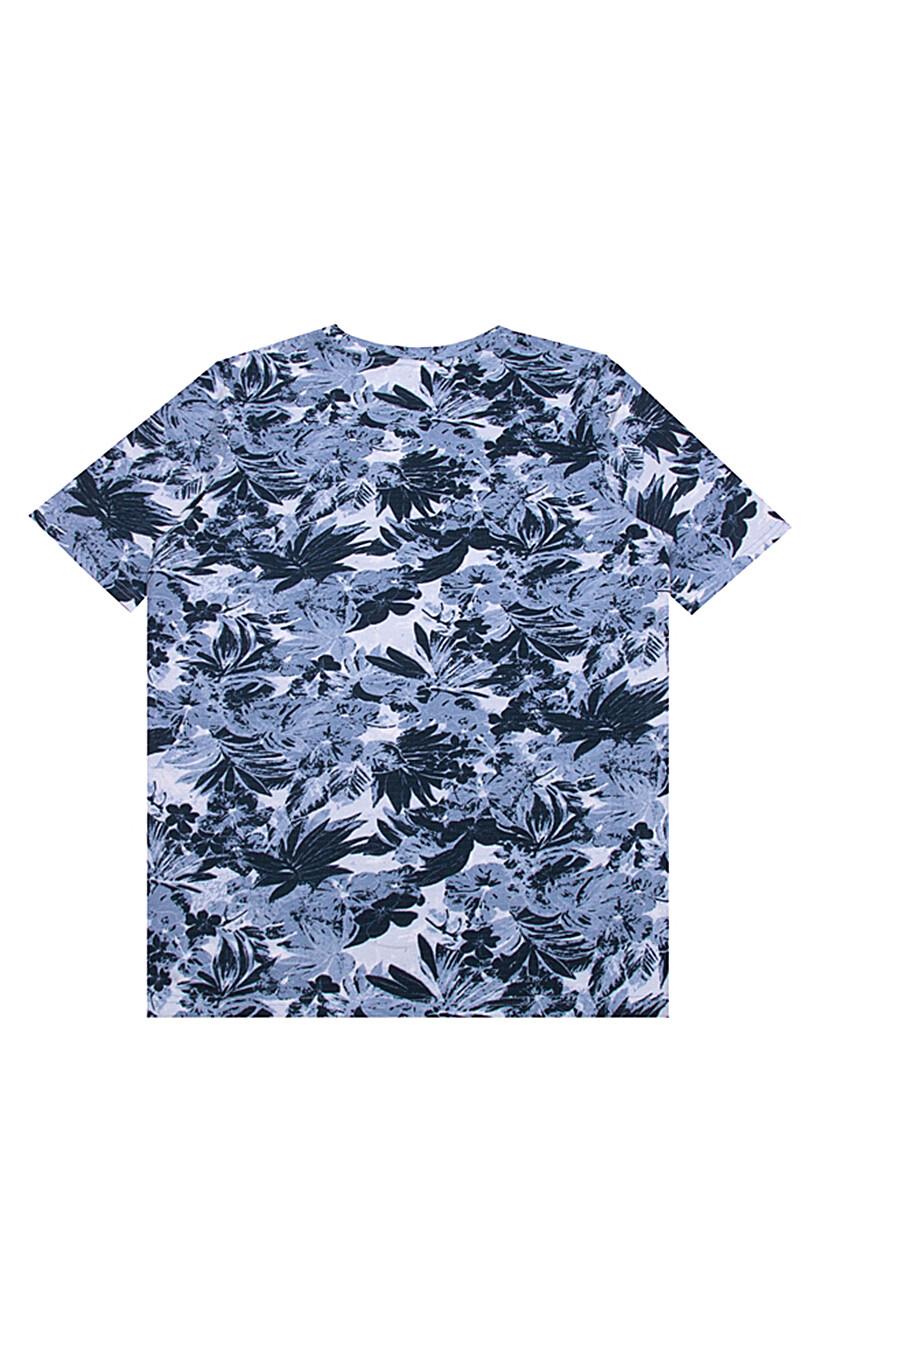 Джемпер для женщин Archi 130604 купить оптом от производителя. Совместная покупка женской одежды в OptMoyo